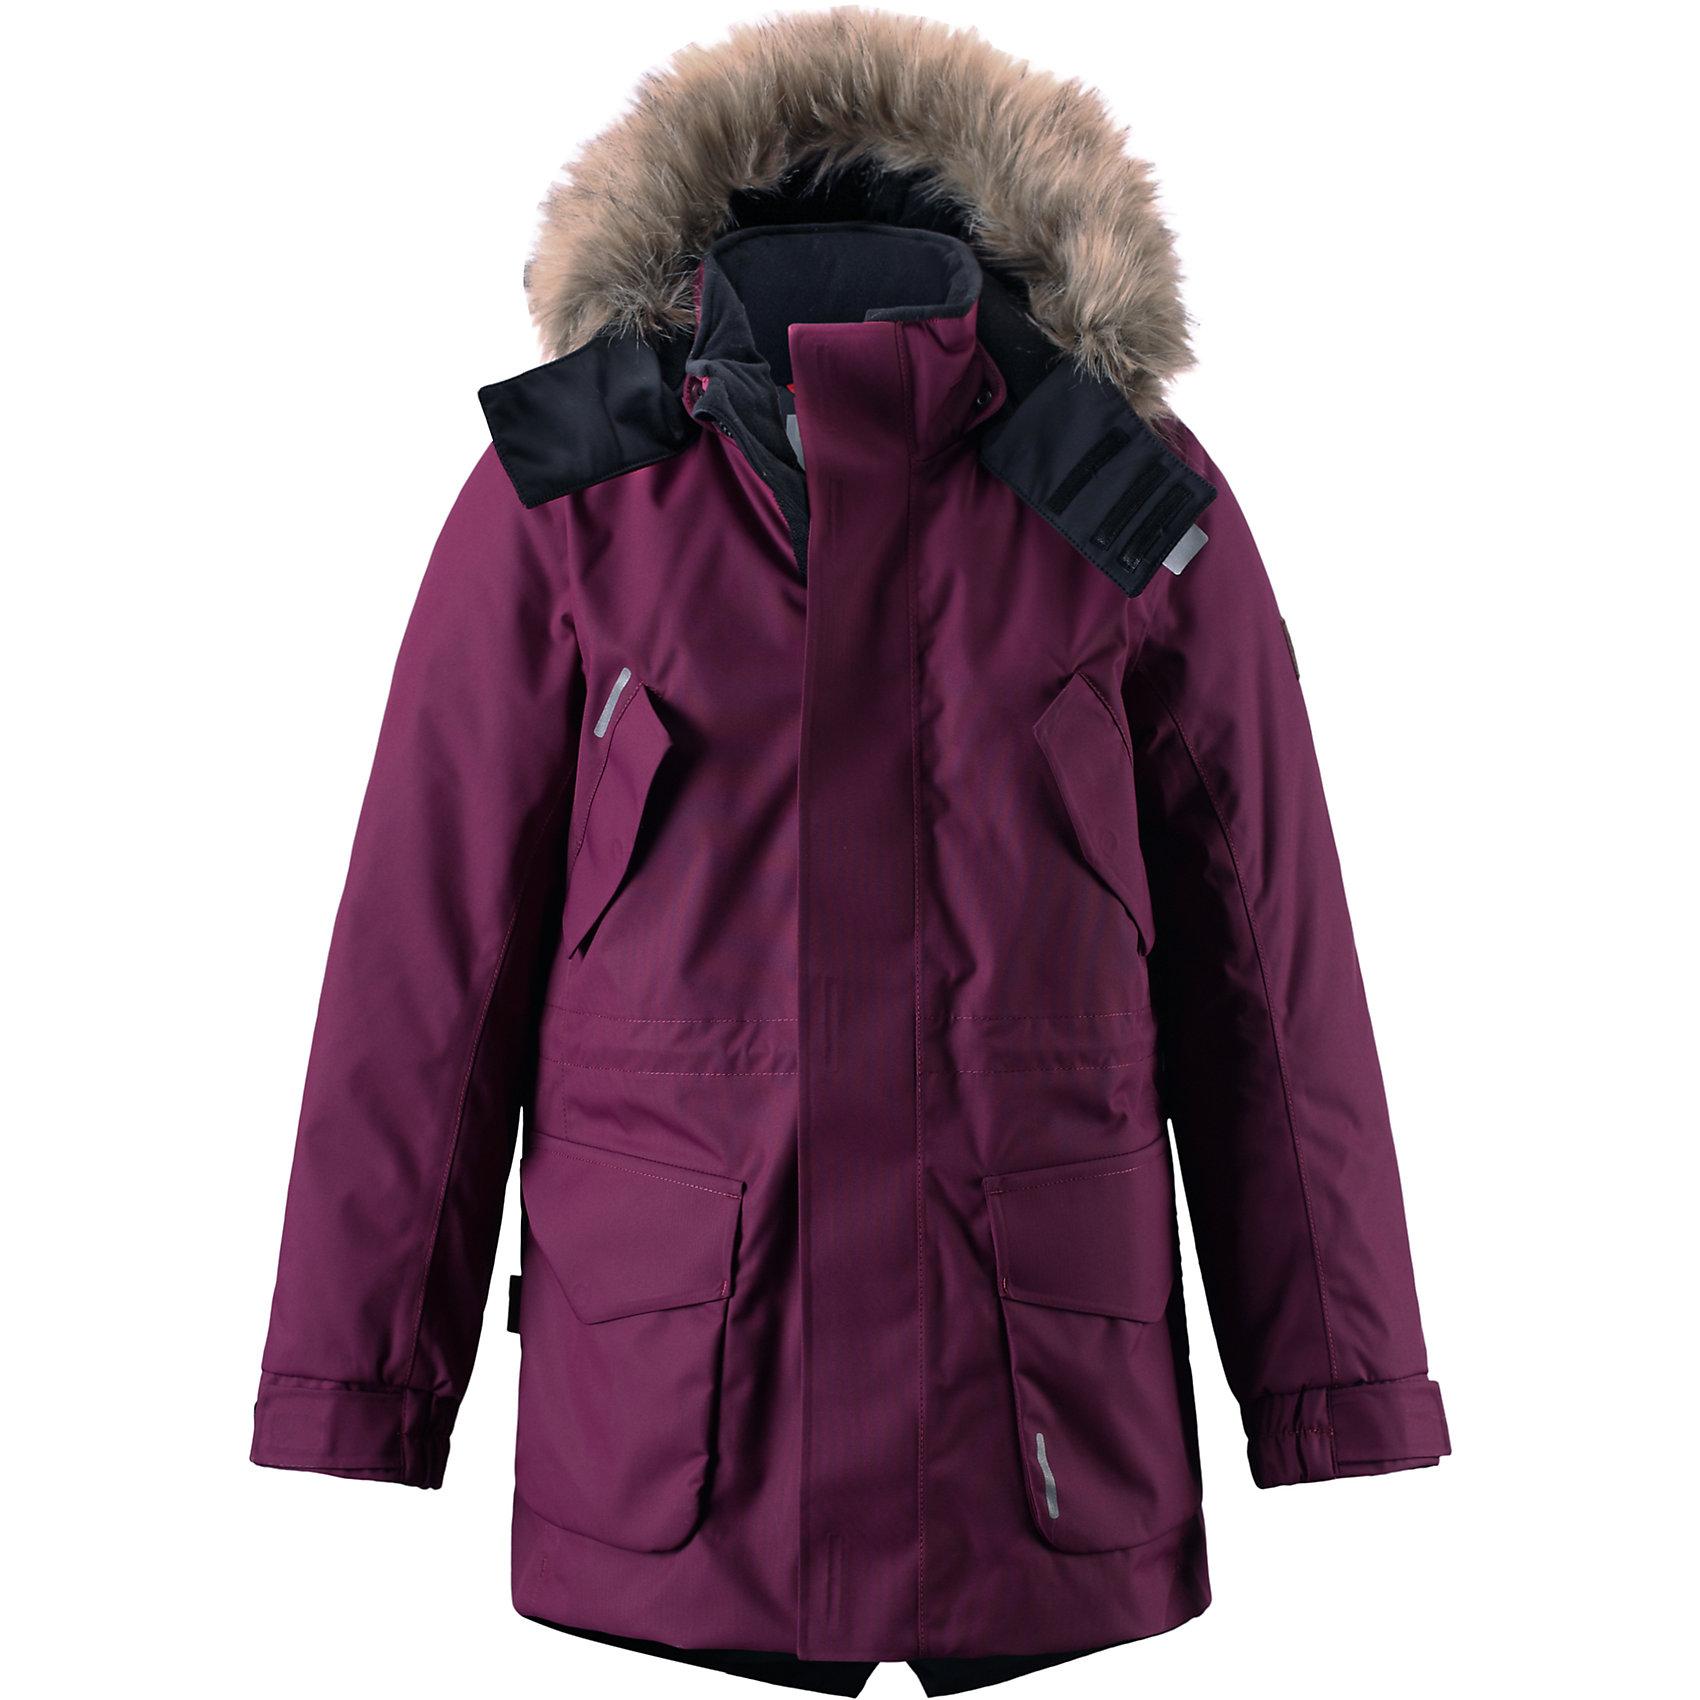 Куртка Naapuri для девочки Reimatec® ReimaКуртка Naapuri для девочки от финского бренда Reimatec® Reima.<br>Состав:<br>100% Полиамид, полиуретановое покрытие<br>Утеплитель:<br>140 гр<br><br>Ширина мм: 356<br>Глубина мм: 10<br>Высота мм: 245<br>Вес г: 519<br>Цвет: фиолетовый<br>Возраст от месяцев: 84<br>Возраст до месяцев: 96<br>Пол: Женский<br>Возраст: Детский<br>Размер: 128,134,146,152,158,104,140<br>SKU: 5216171